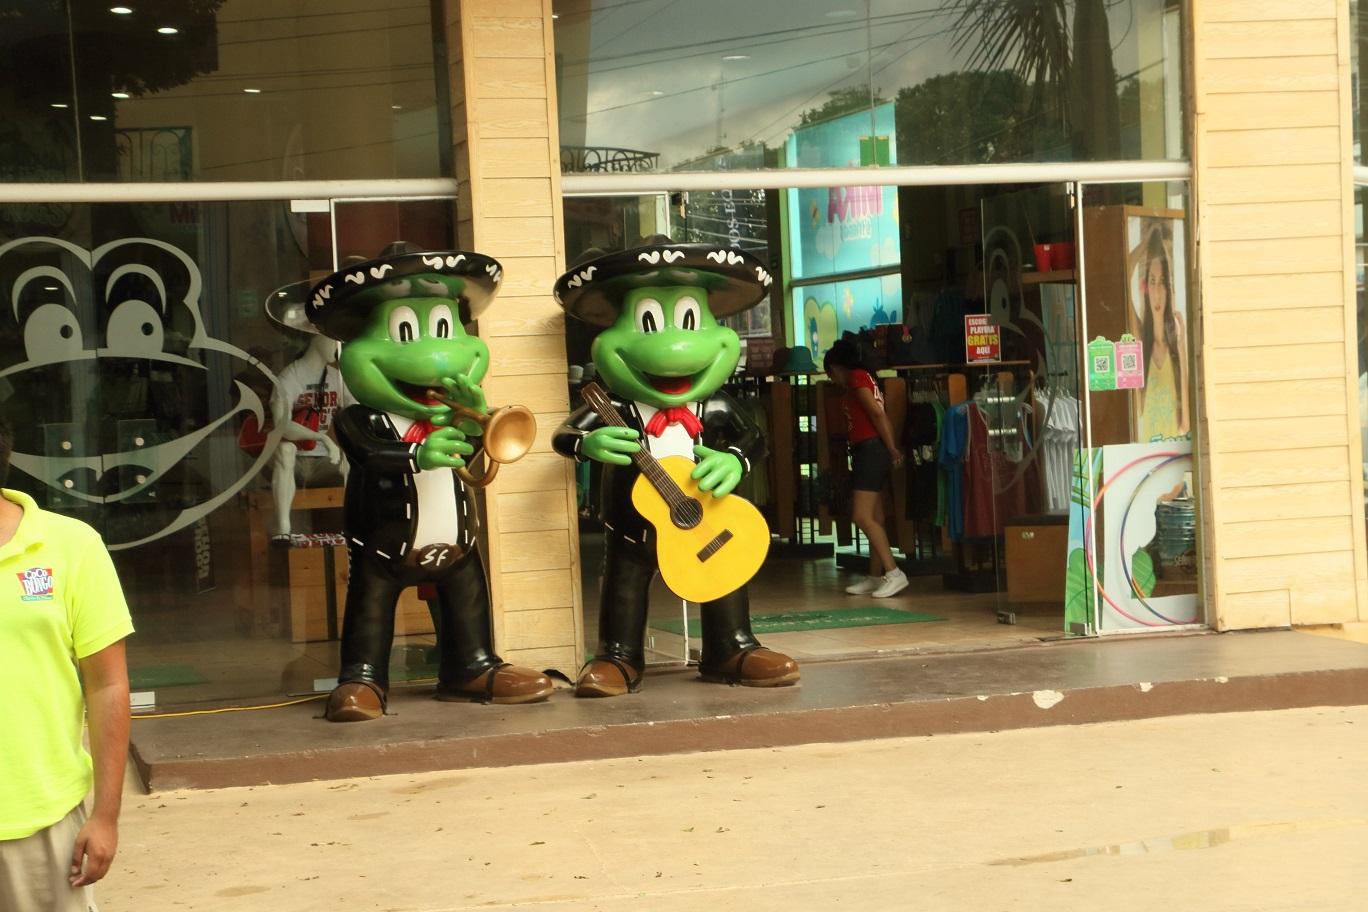 A Senior Frog egy diszkóhálózat, aminek hatalmas szuvenír boltjai vannak. Ezek éppen szobrok, de az alkalmazottak se jobban öltözöttek, és amikor épp nincs vevő, akkor iszonyú megalázónak kinéző módon táncolnak a bolt előtt